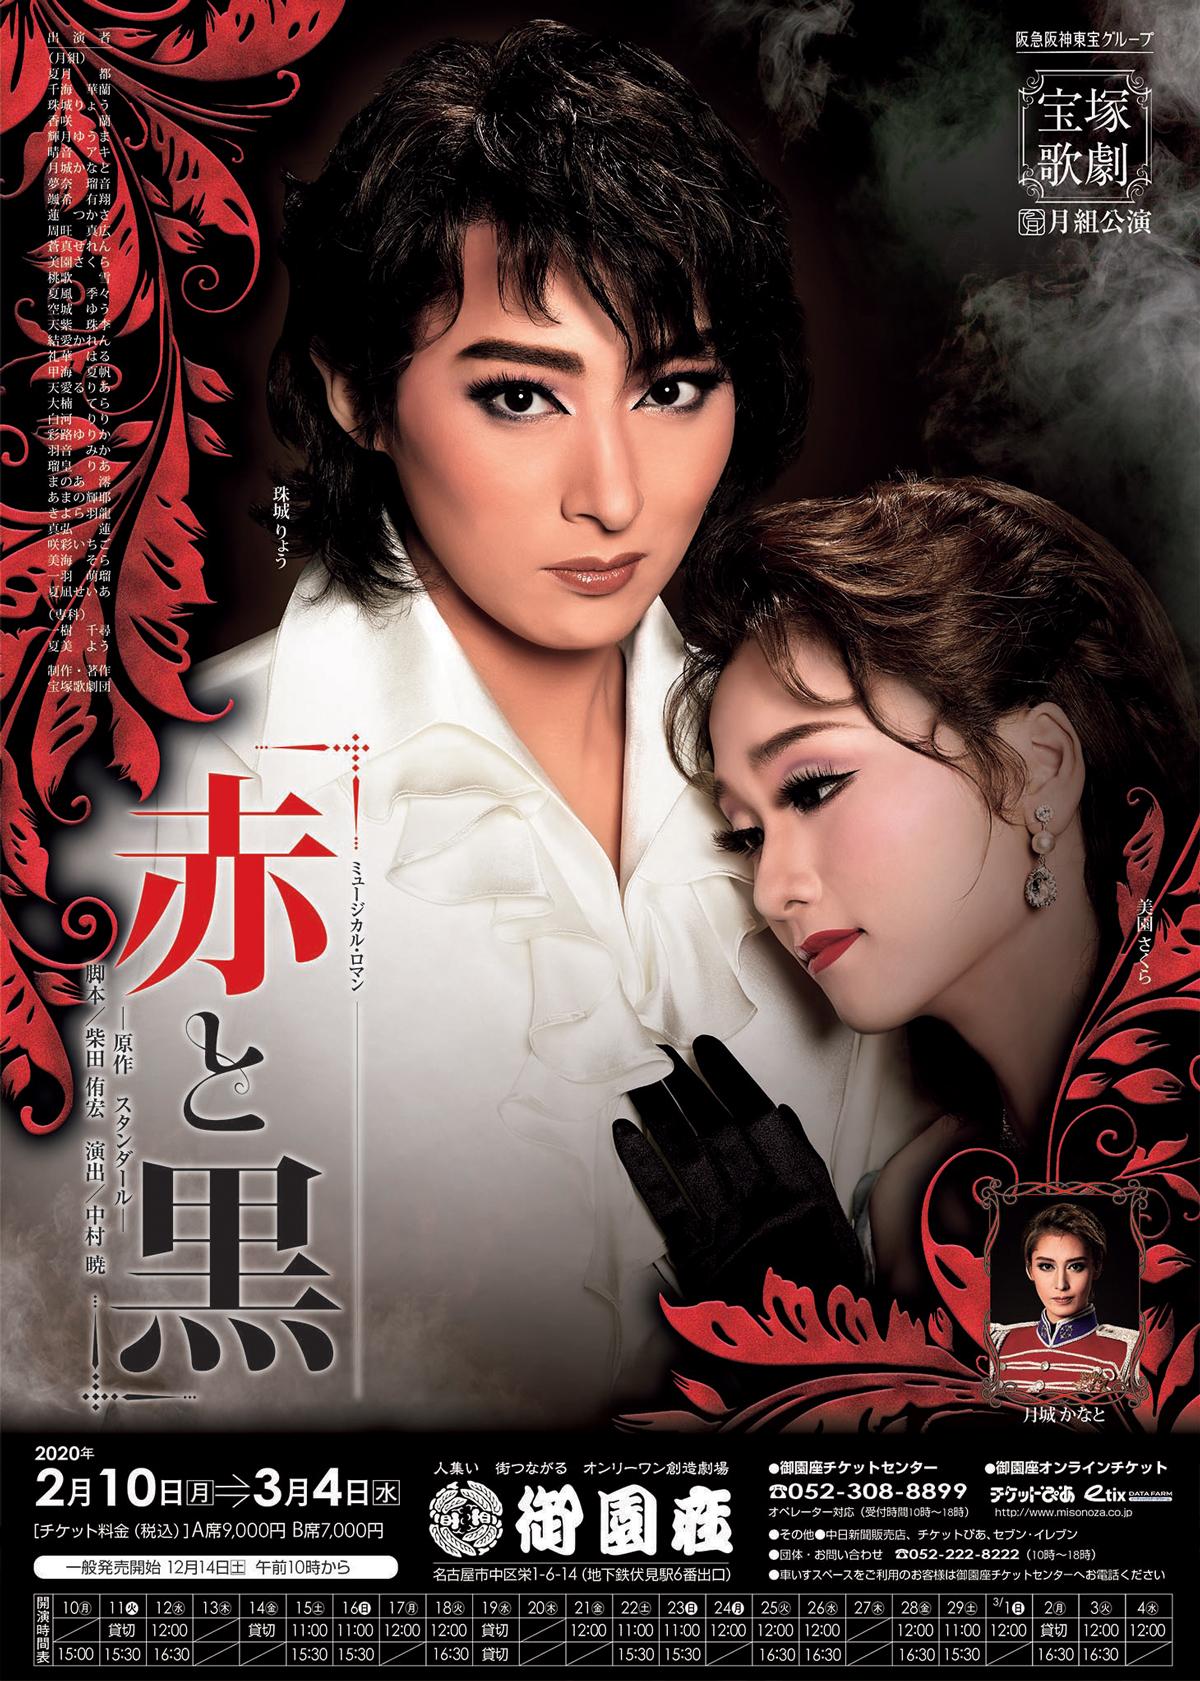 ミュージカル・ロマン『赤と黒』